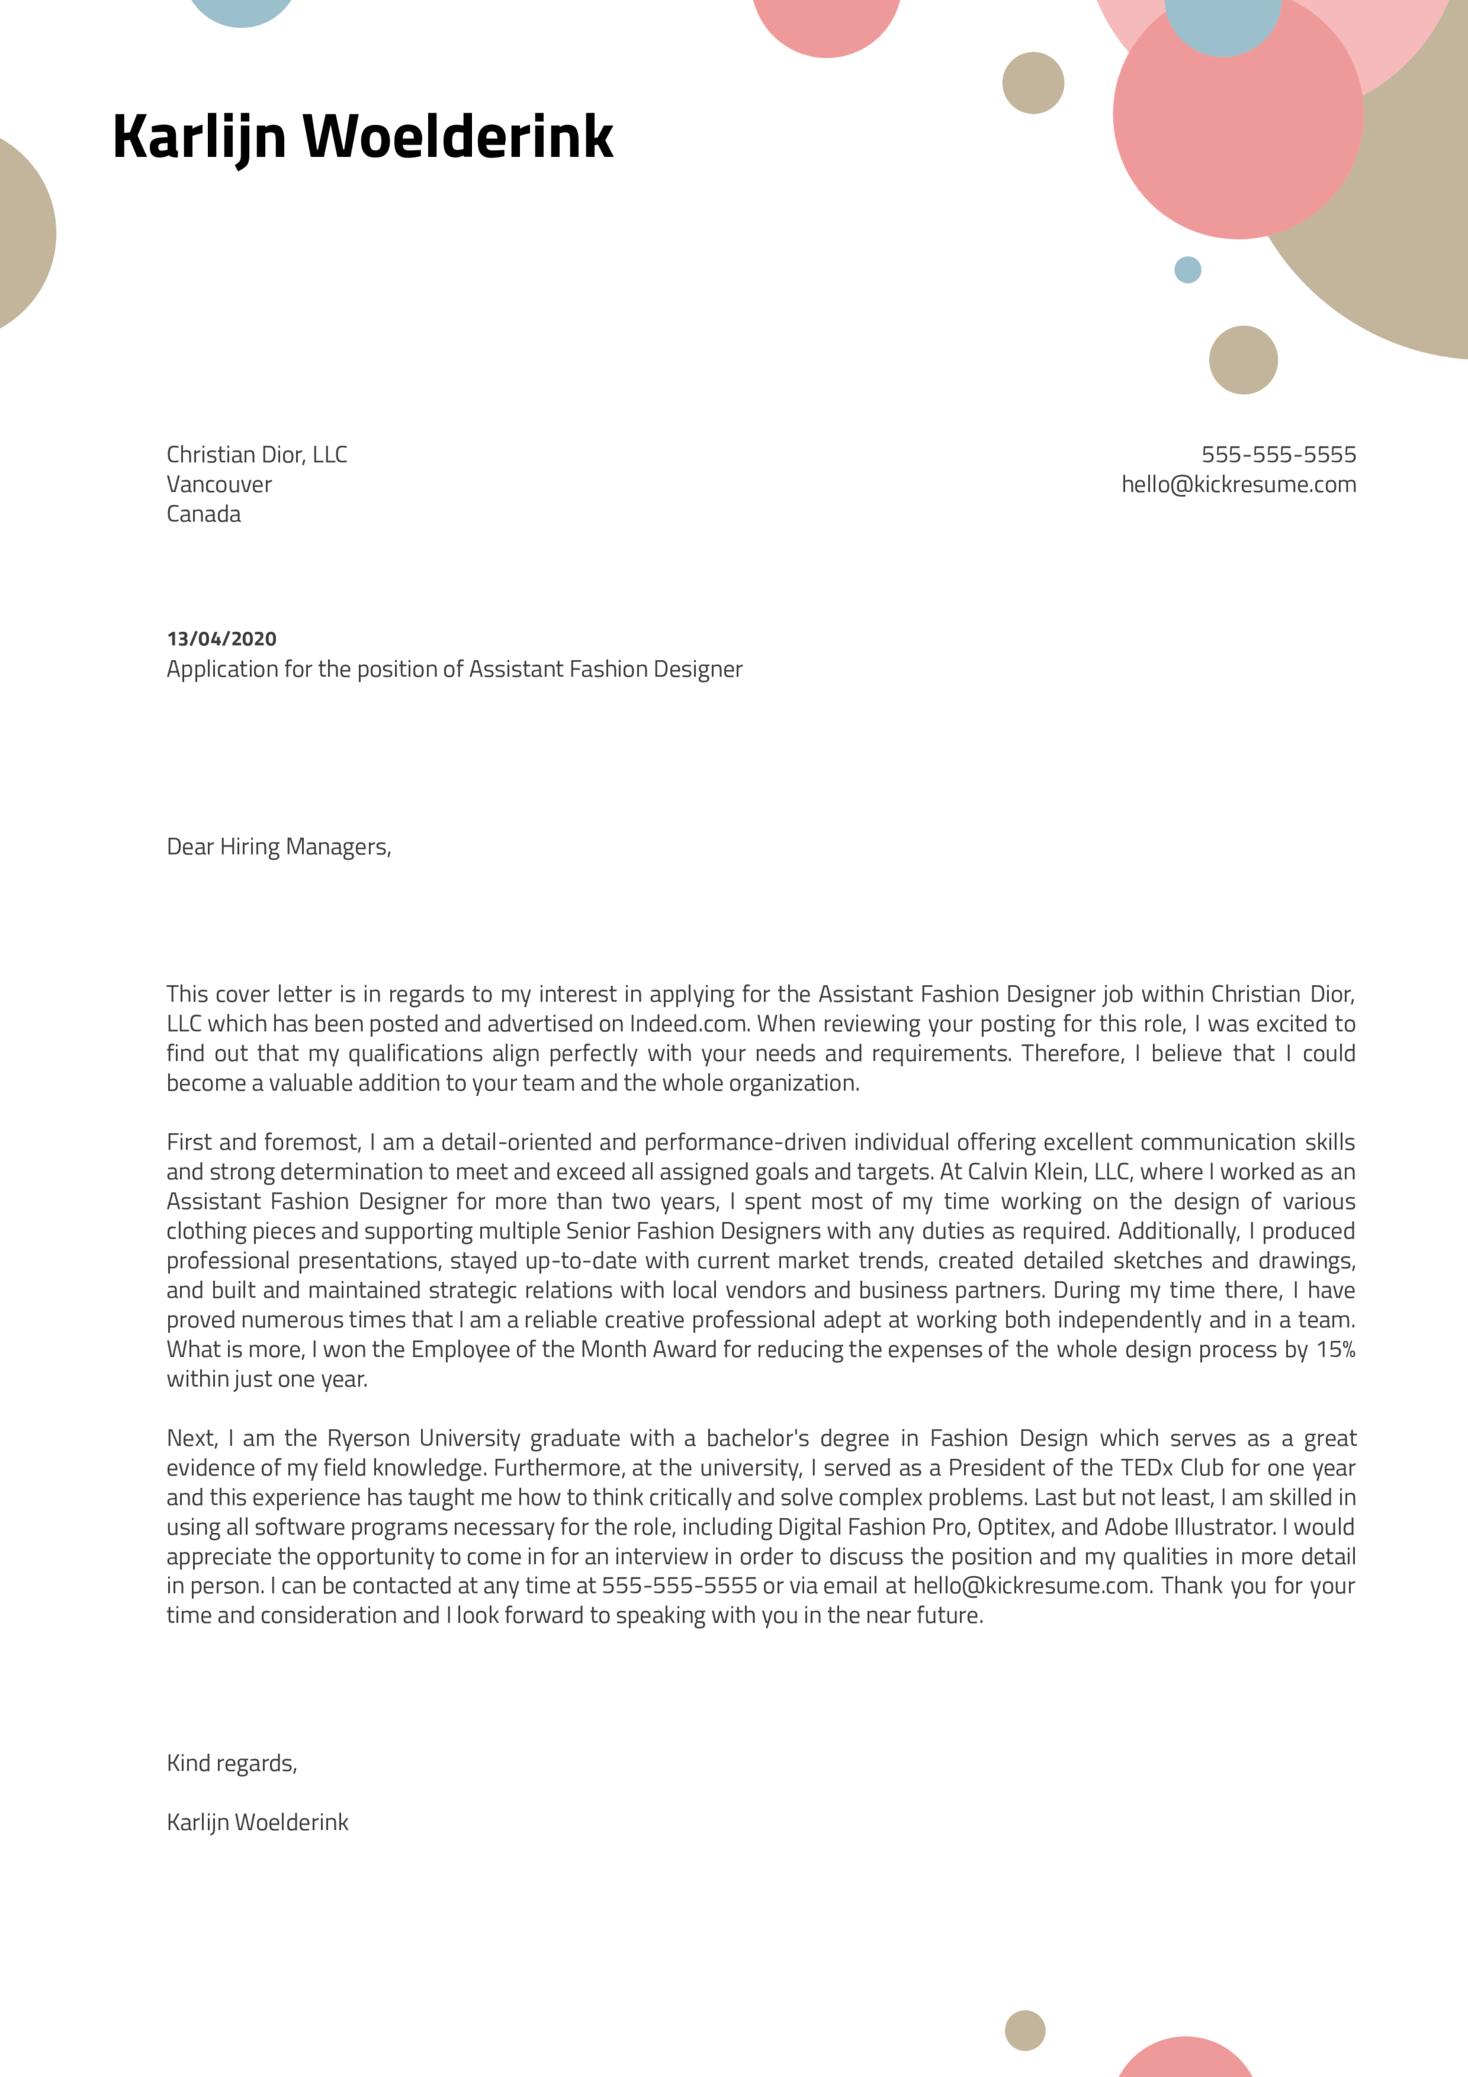 Assistant Fashion Designer Cover Letter Sample